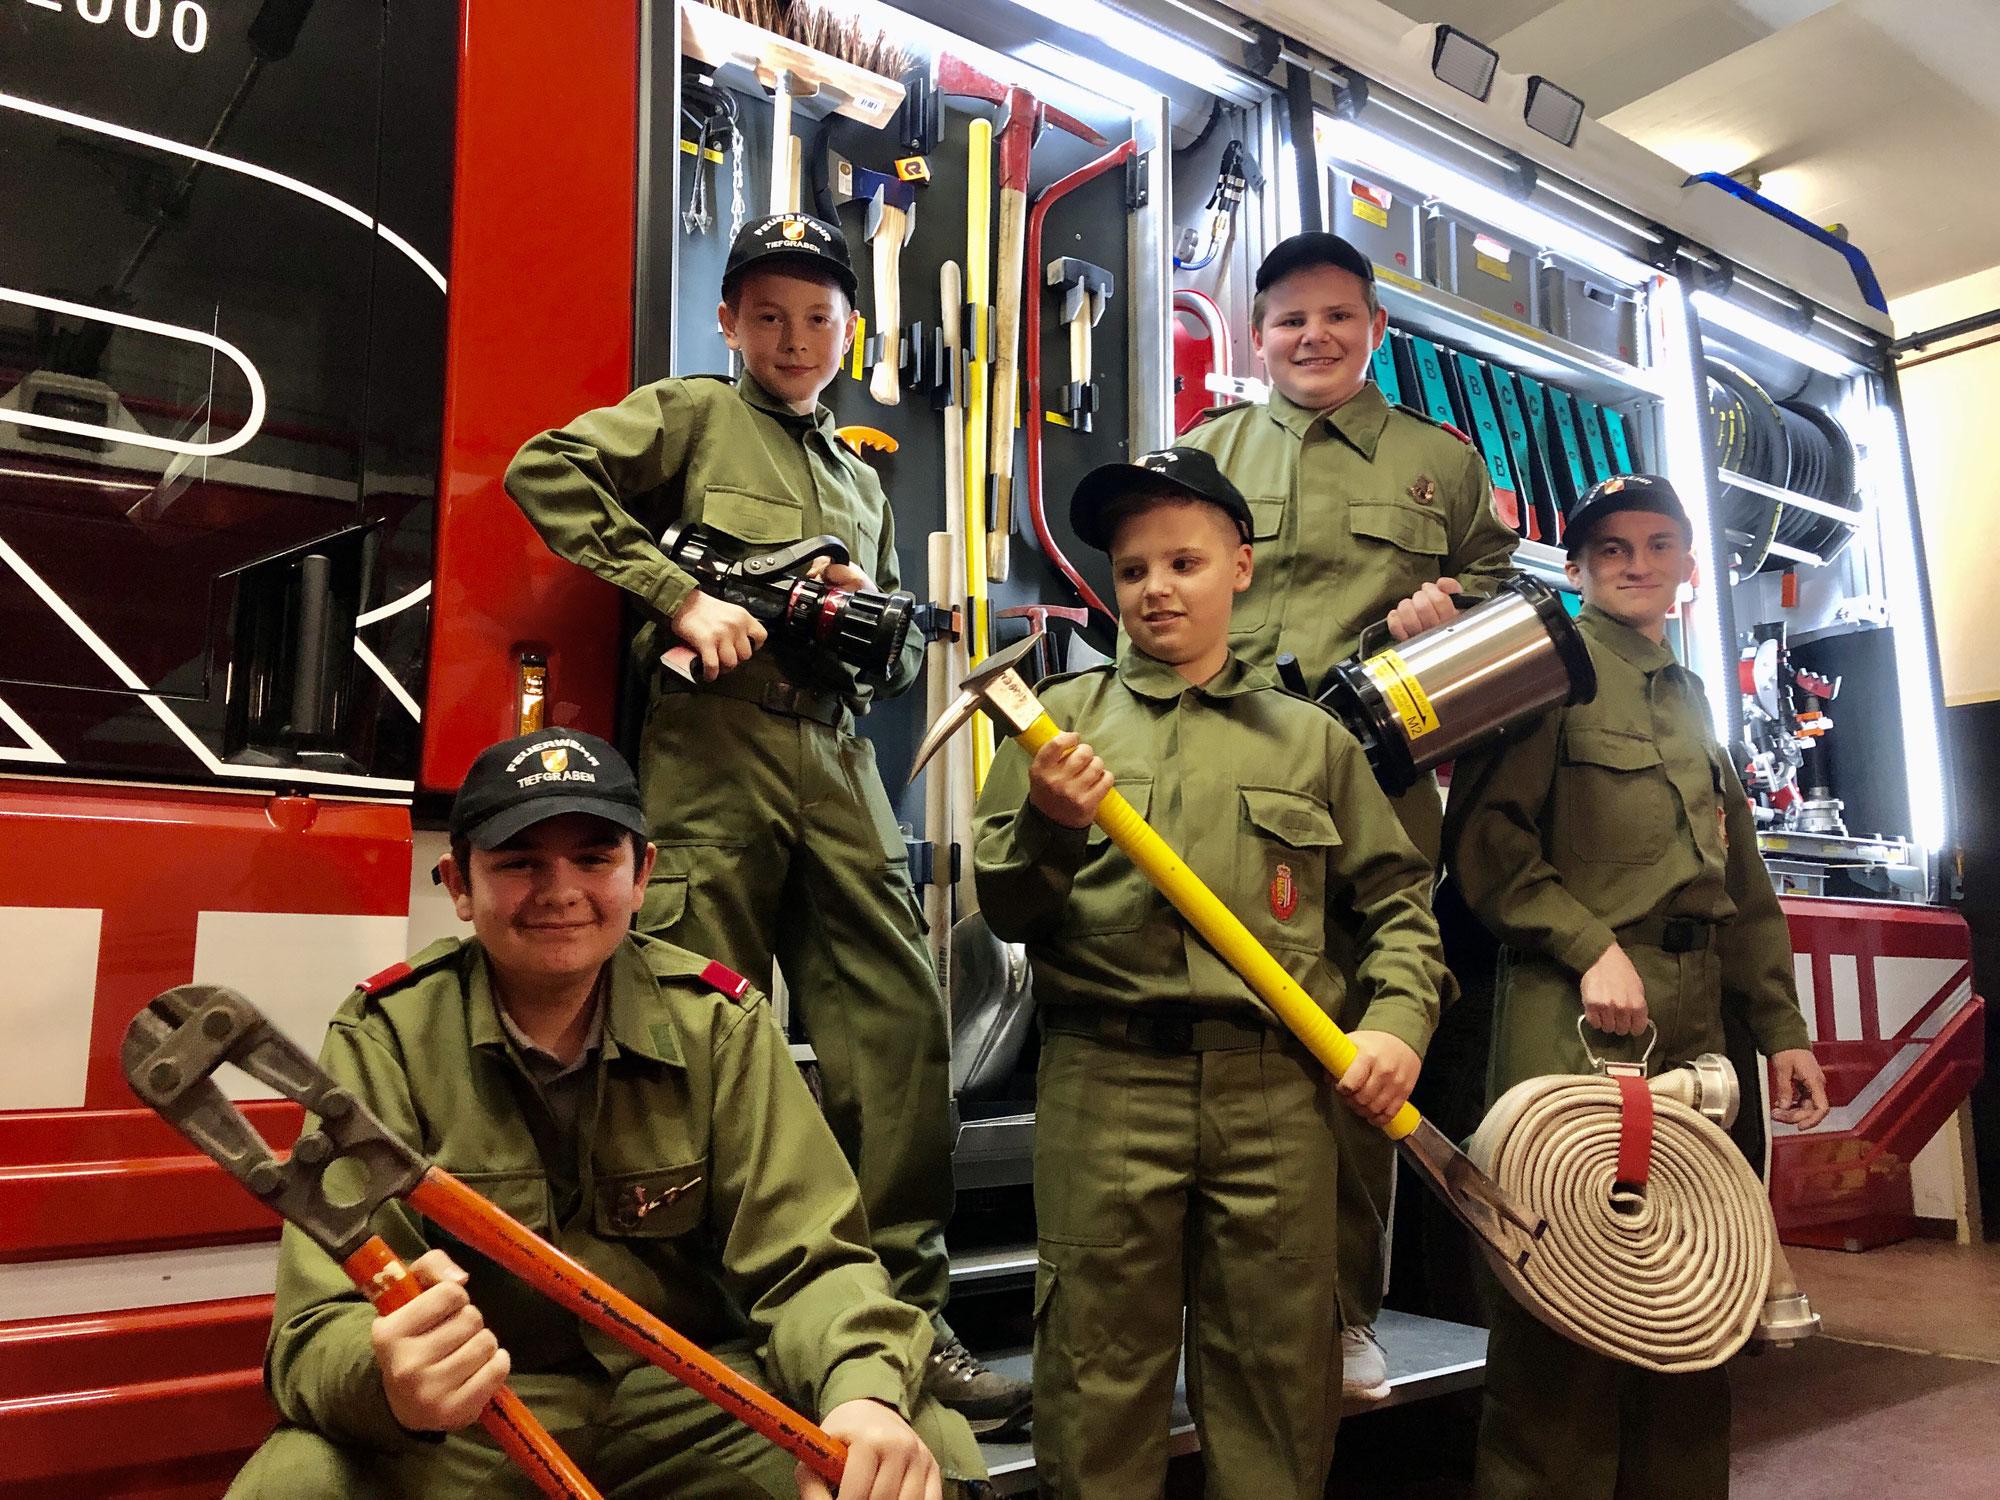 Feuerwehrjugend - Wissenstest Teil 2 erfolgreich